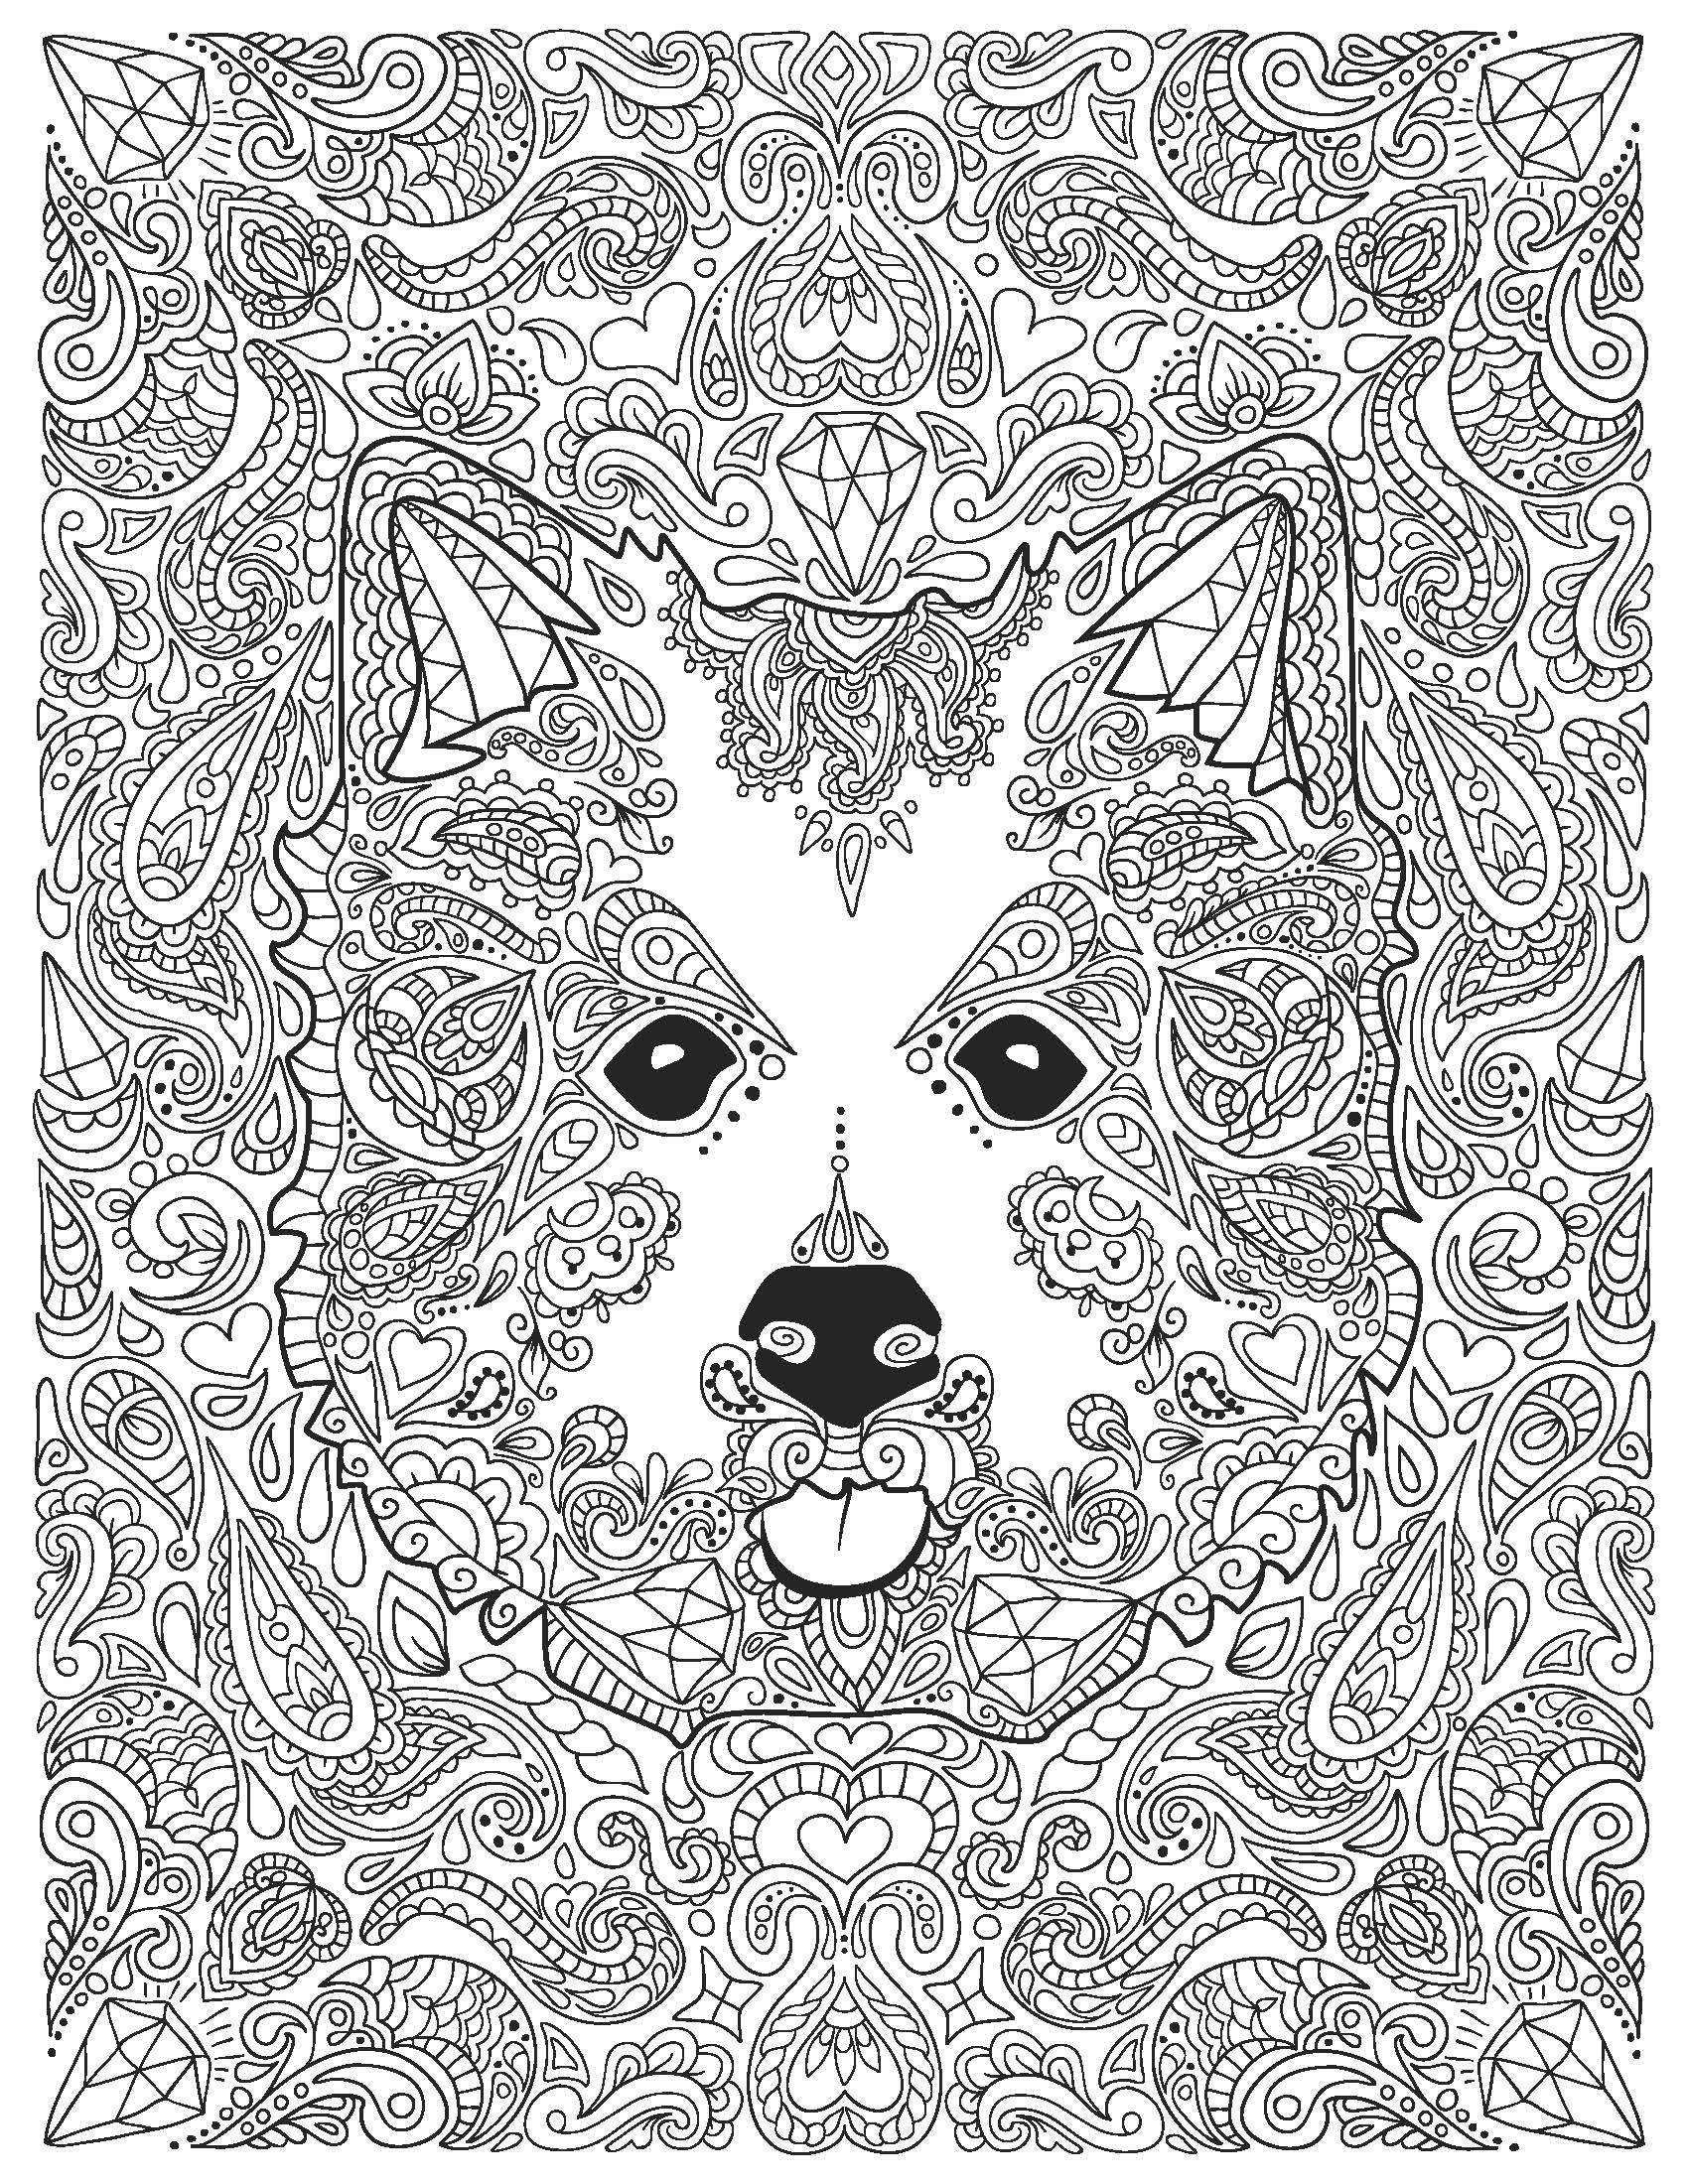 Adult Coloring Page Husky Dog Instant Digital Download